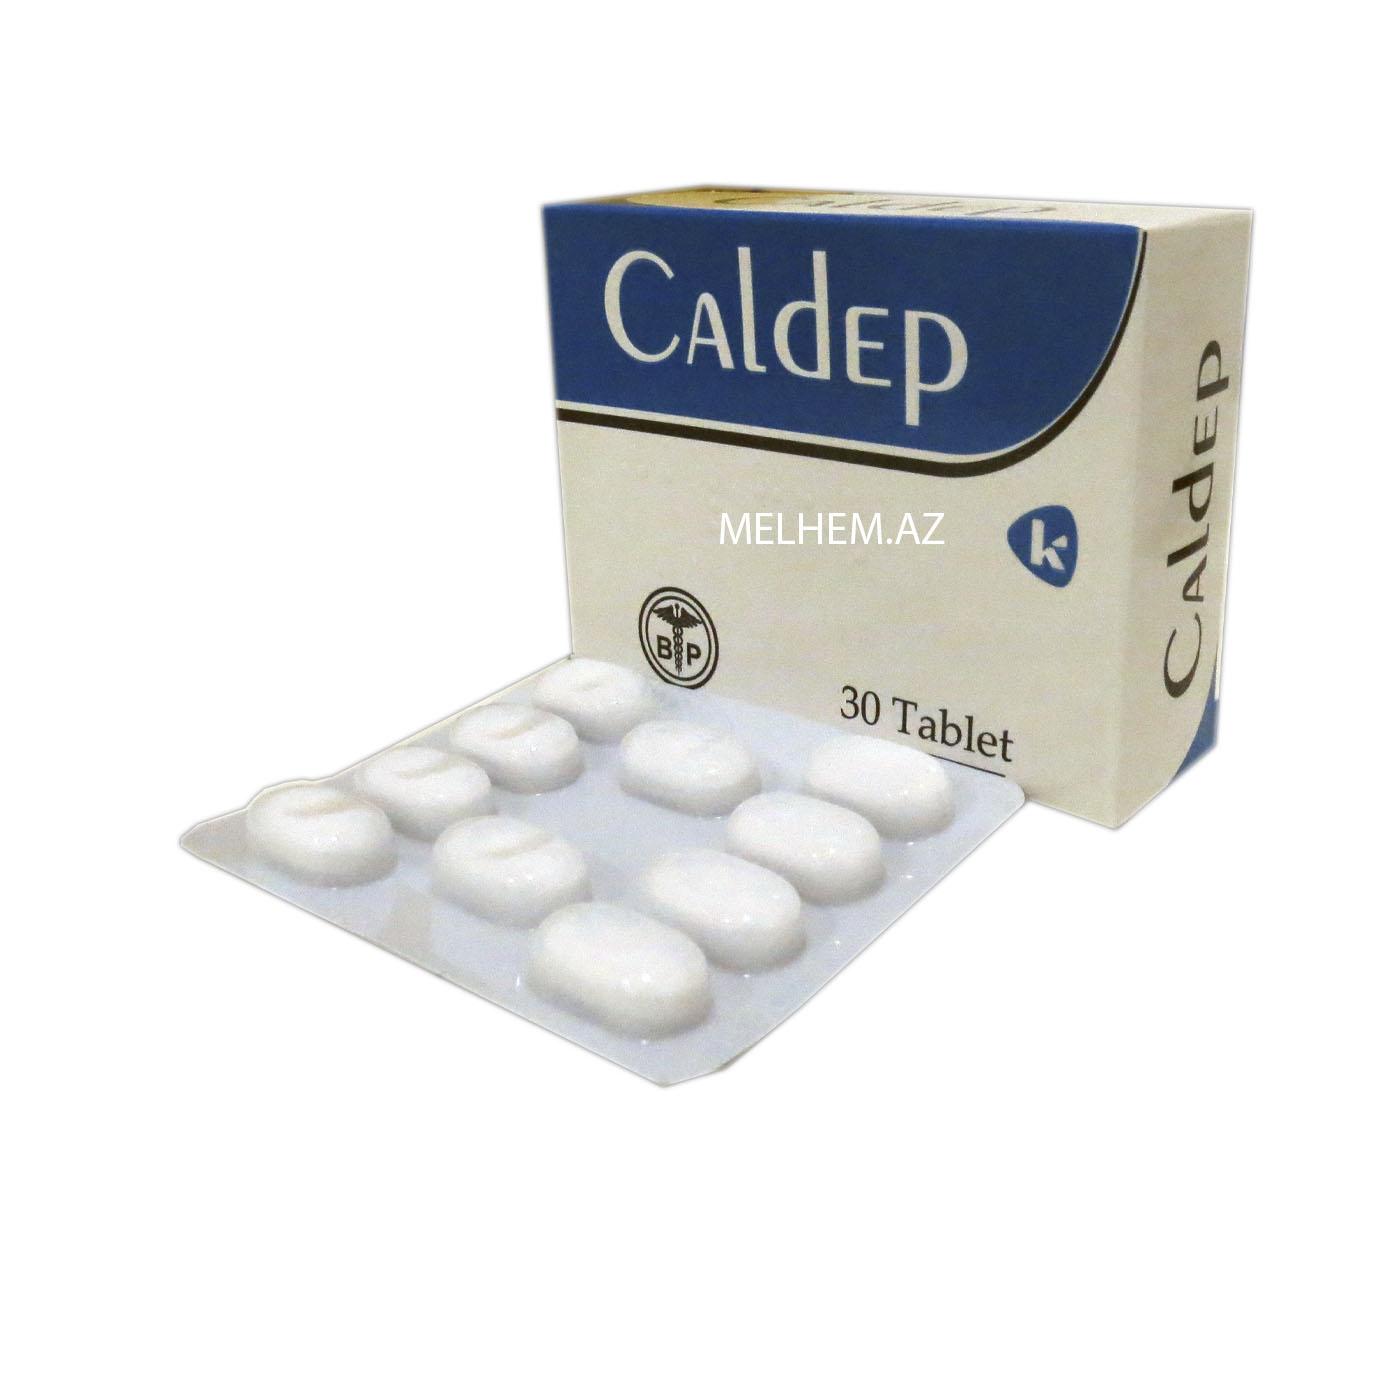 CALDEP